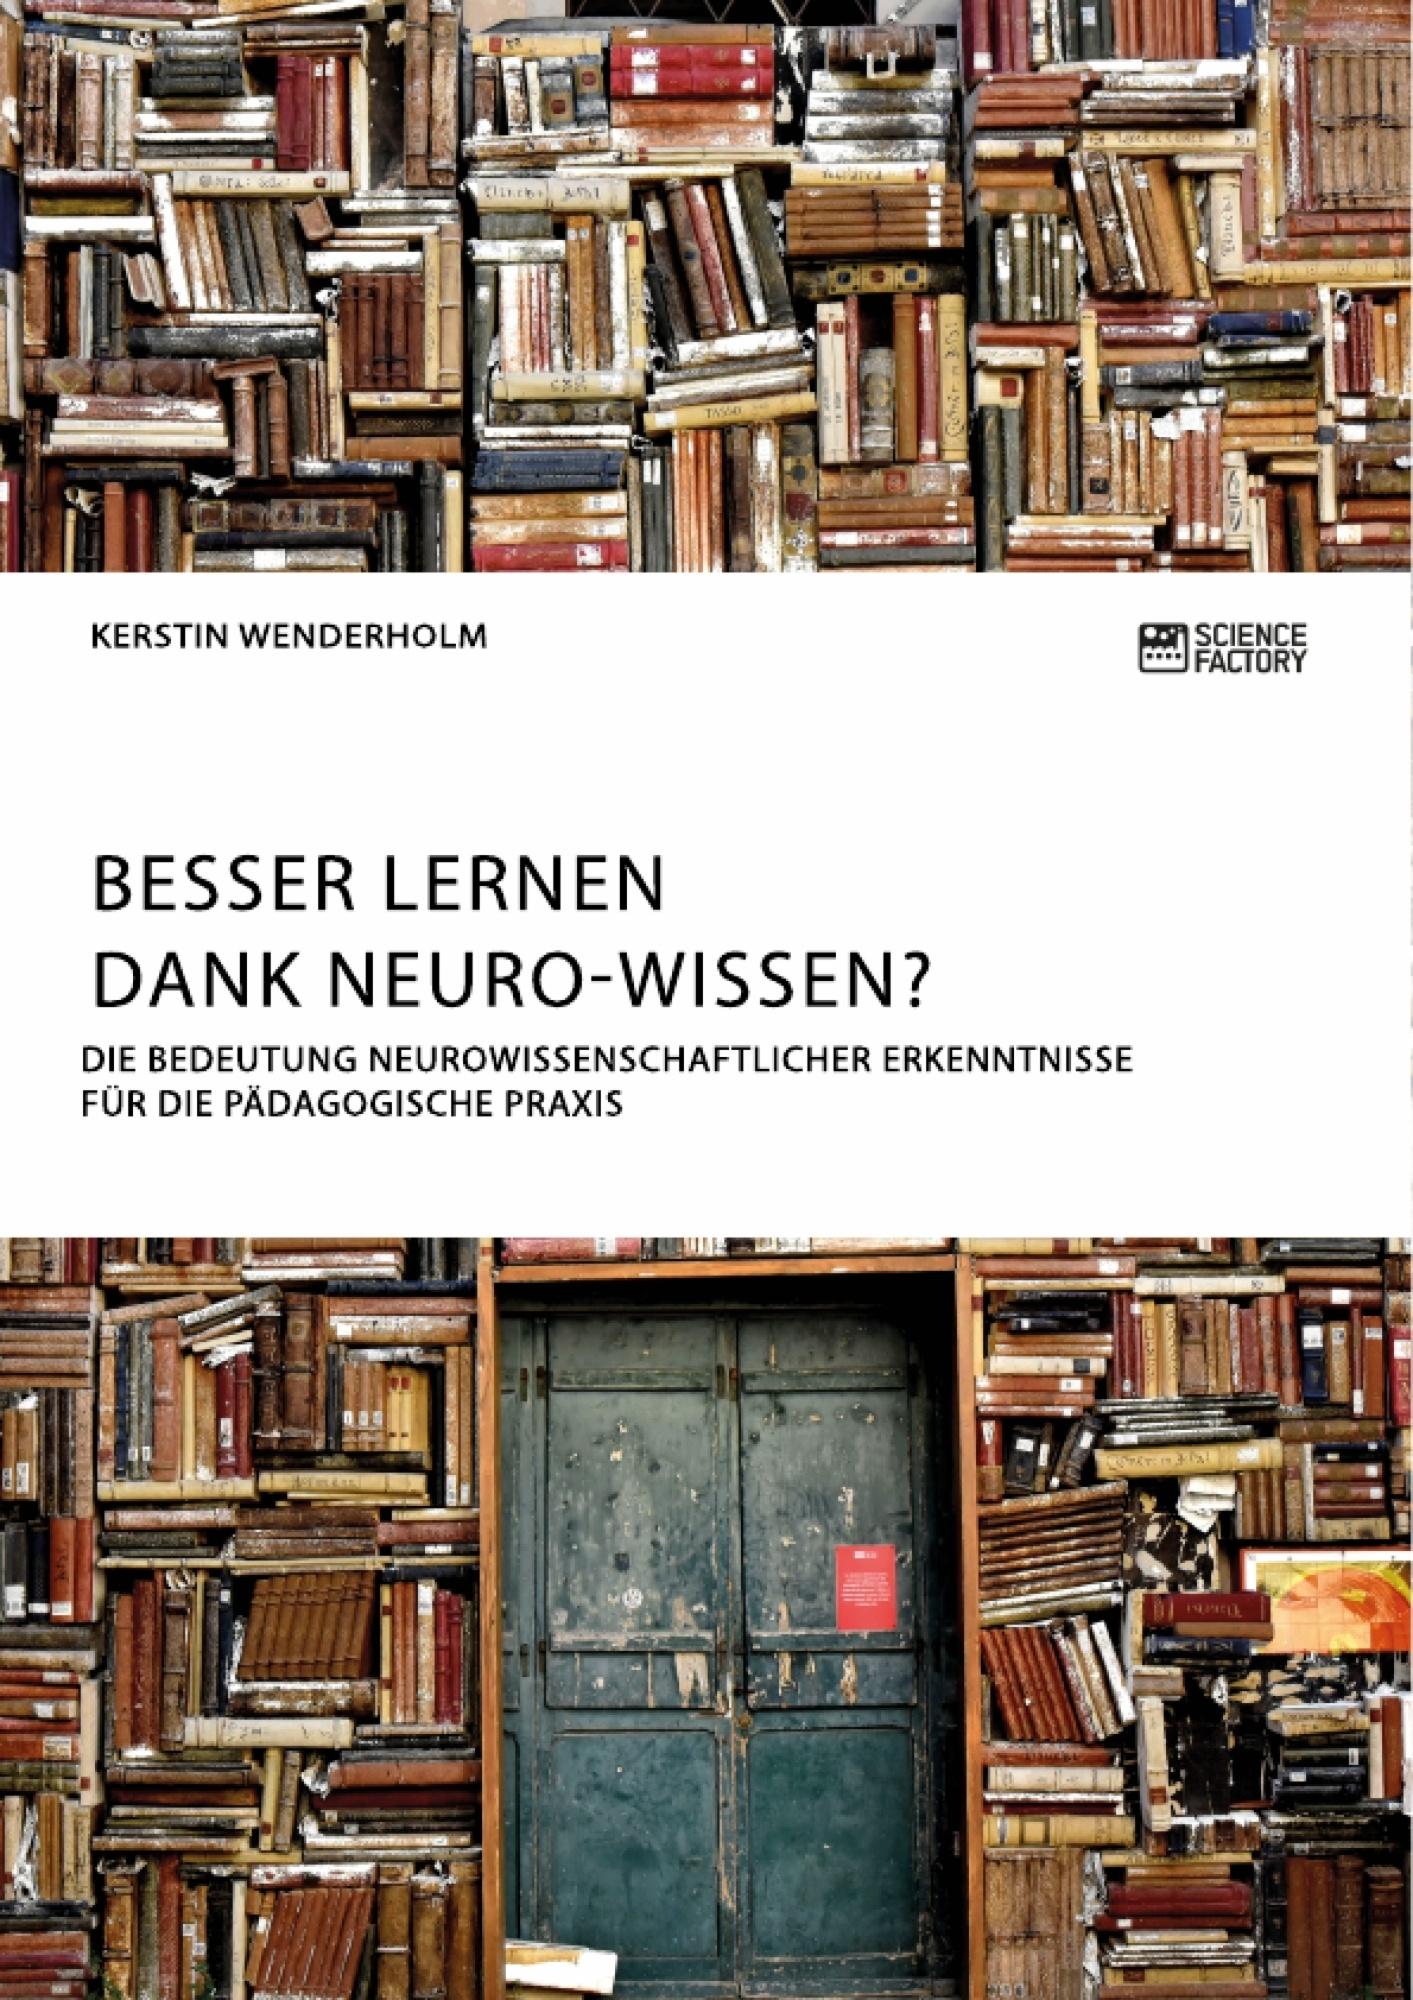 Titel: Besser lernen dank Neuro-Wissen? Die Bedeutung neurowissenschaftlicher Erkenntnisse für die pädagogische Praxis